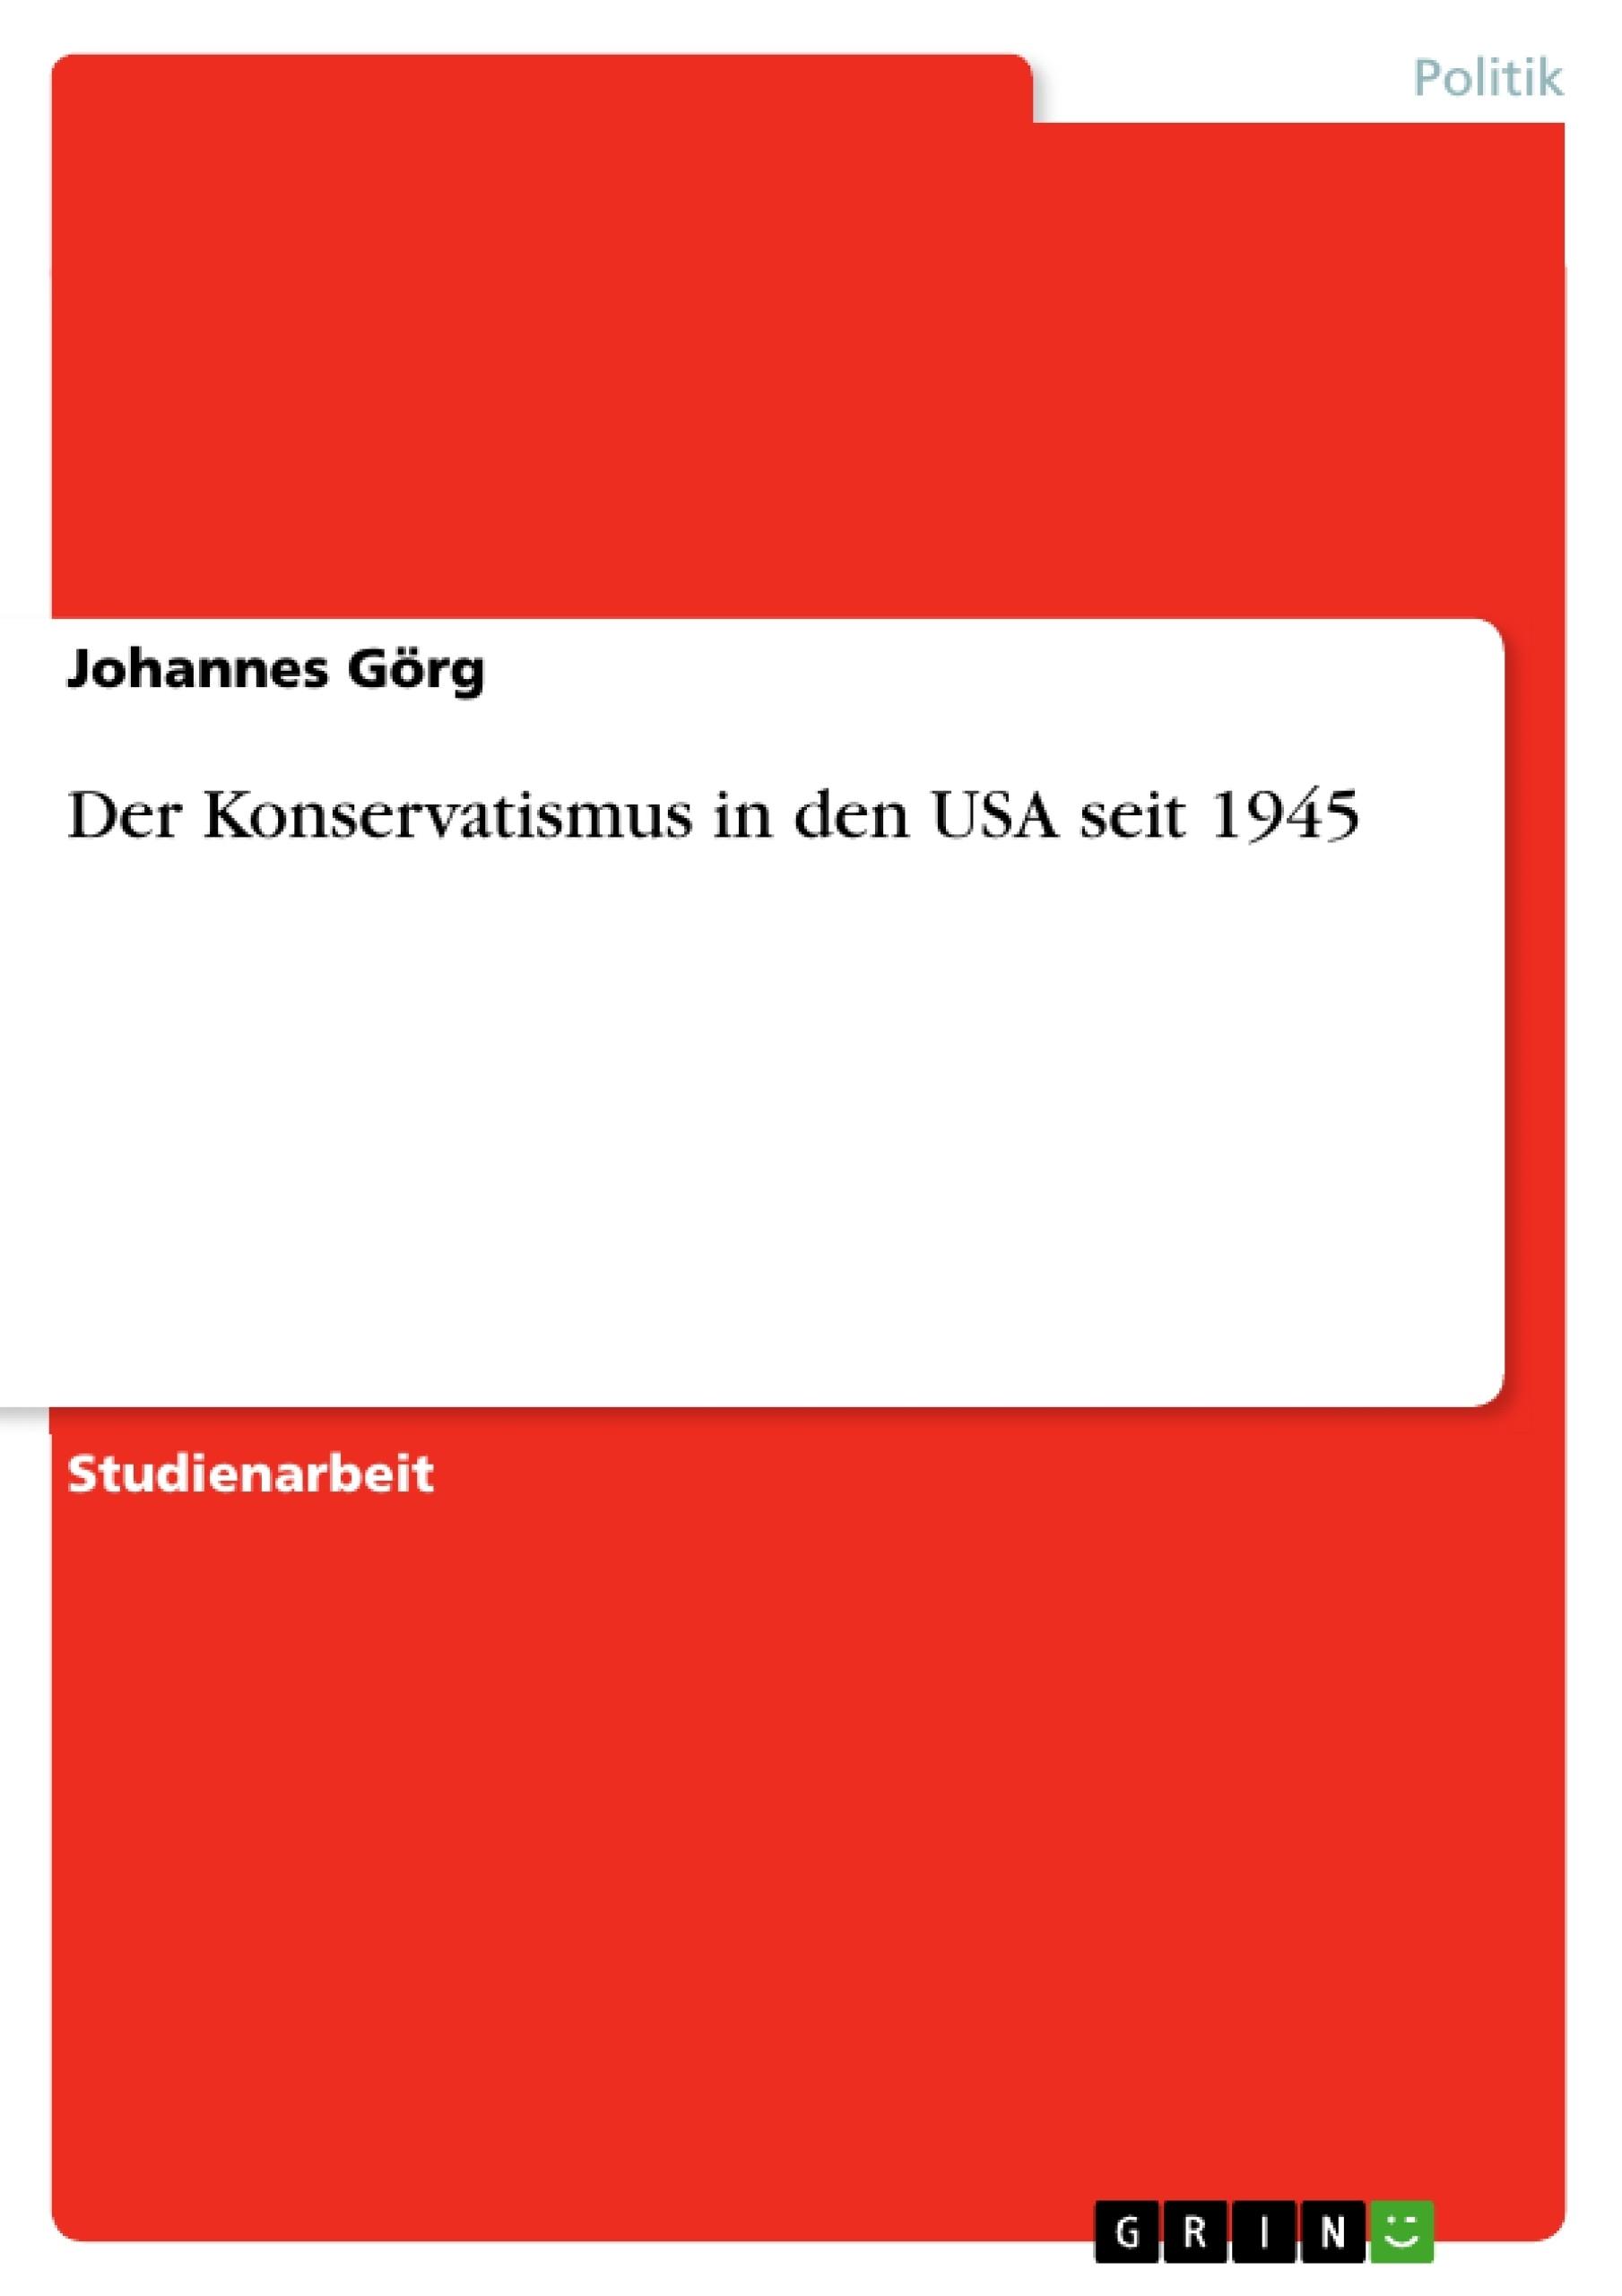 Titel: Der Konservatismus in den USA seit 1945